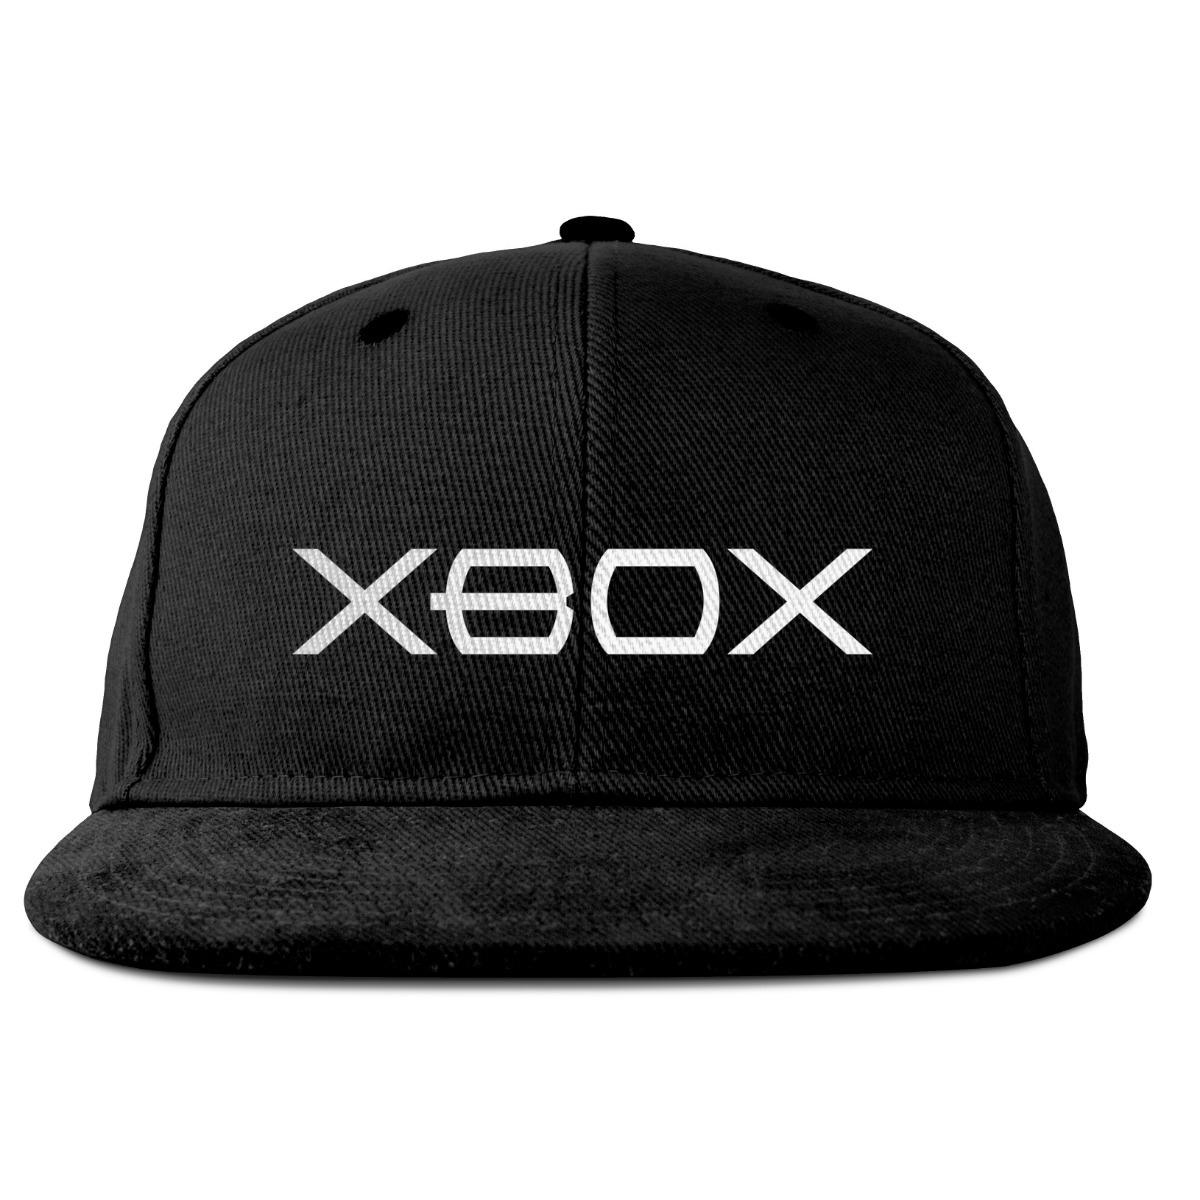 d2cb1882055 3 Gorra De Xbox   Snapback Plana -   350.00 en Mercado Libre